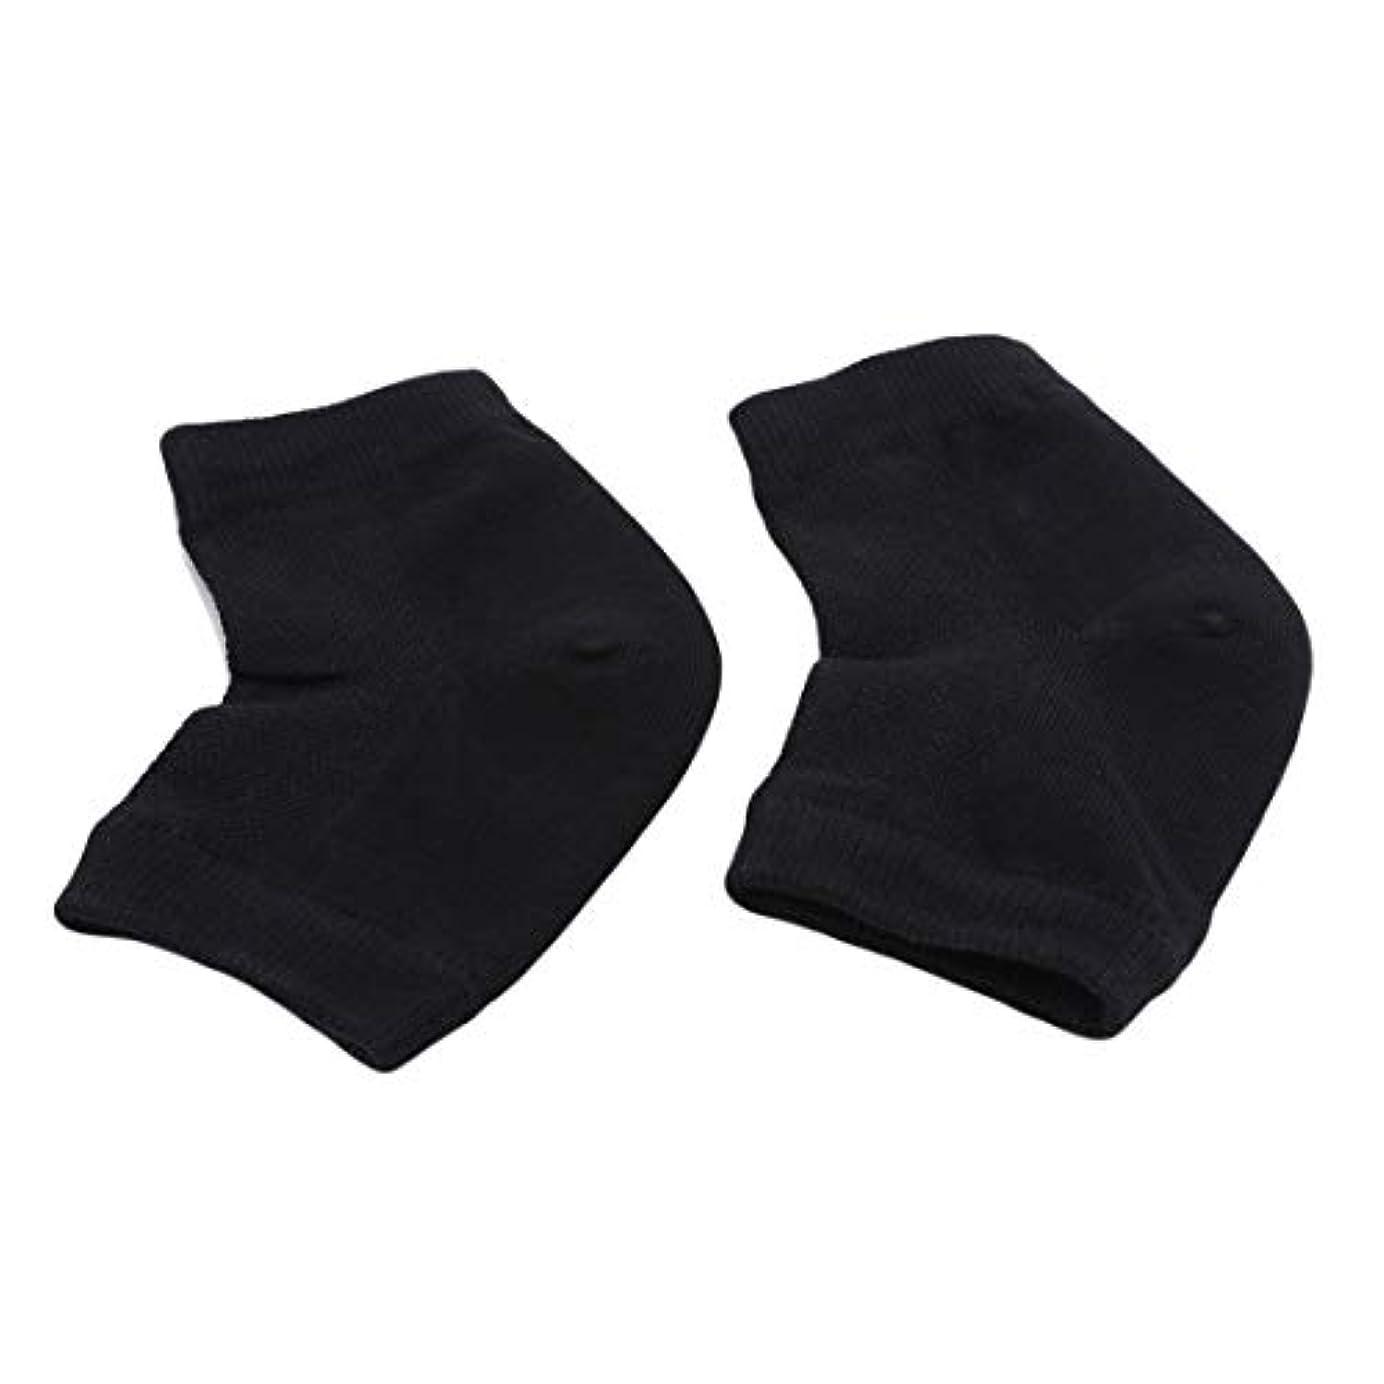 縫う外部リラックスしたKLUMA かかと靴下 ソックス 角質ケア スベスベ ツルツル うるおい 保湿 フットケア レディース メンズ 男女兼用 フリーサイズ 黒色